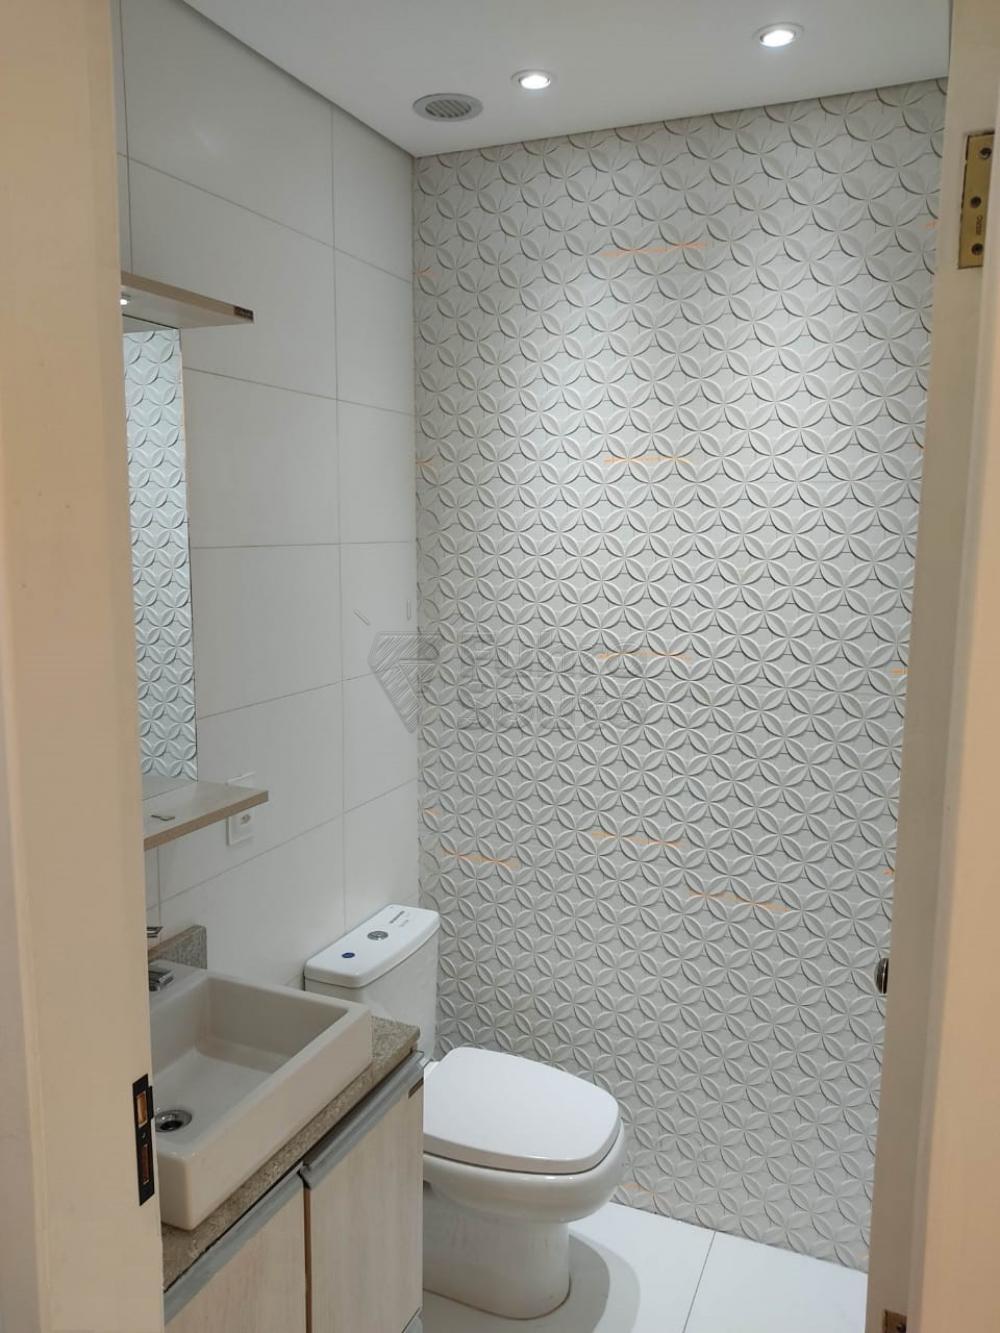 Alugar Comercial / Sala em Condomínio em Pelotas R$ 2.000,00 - Foto 5